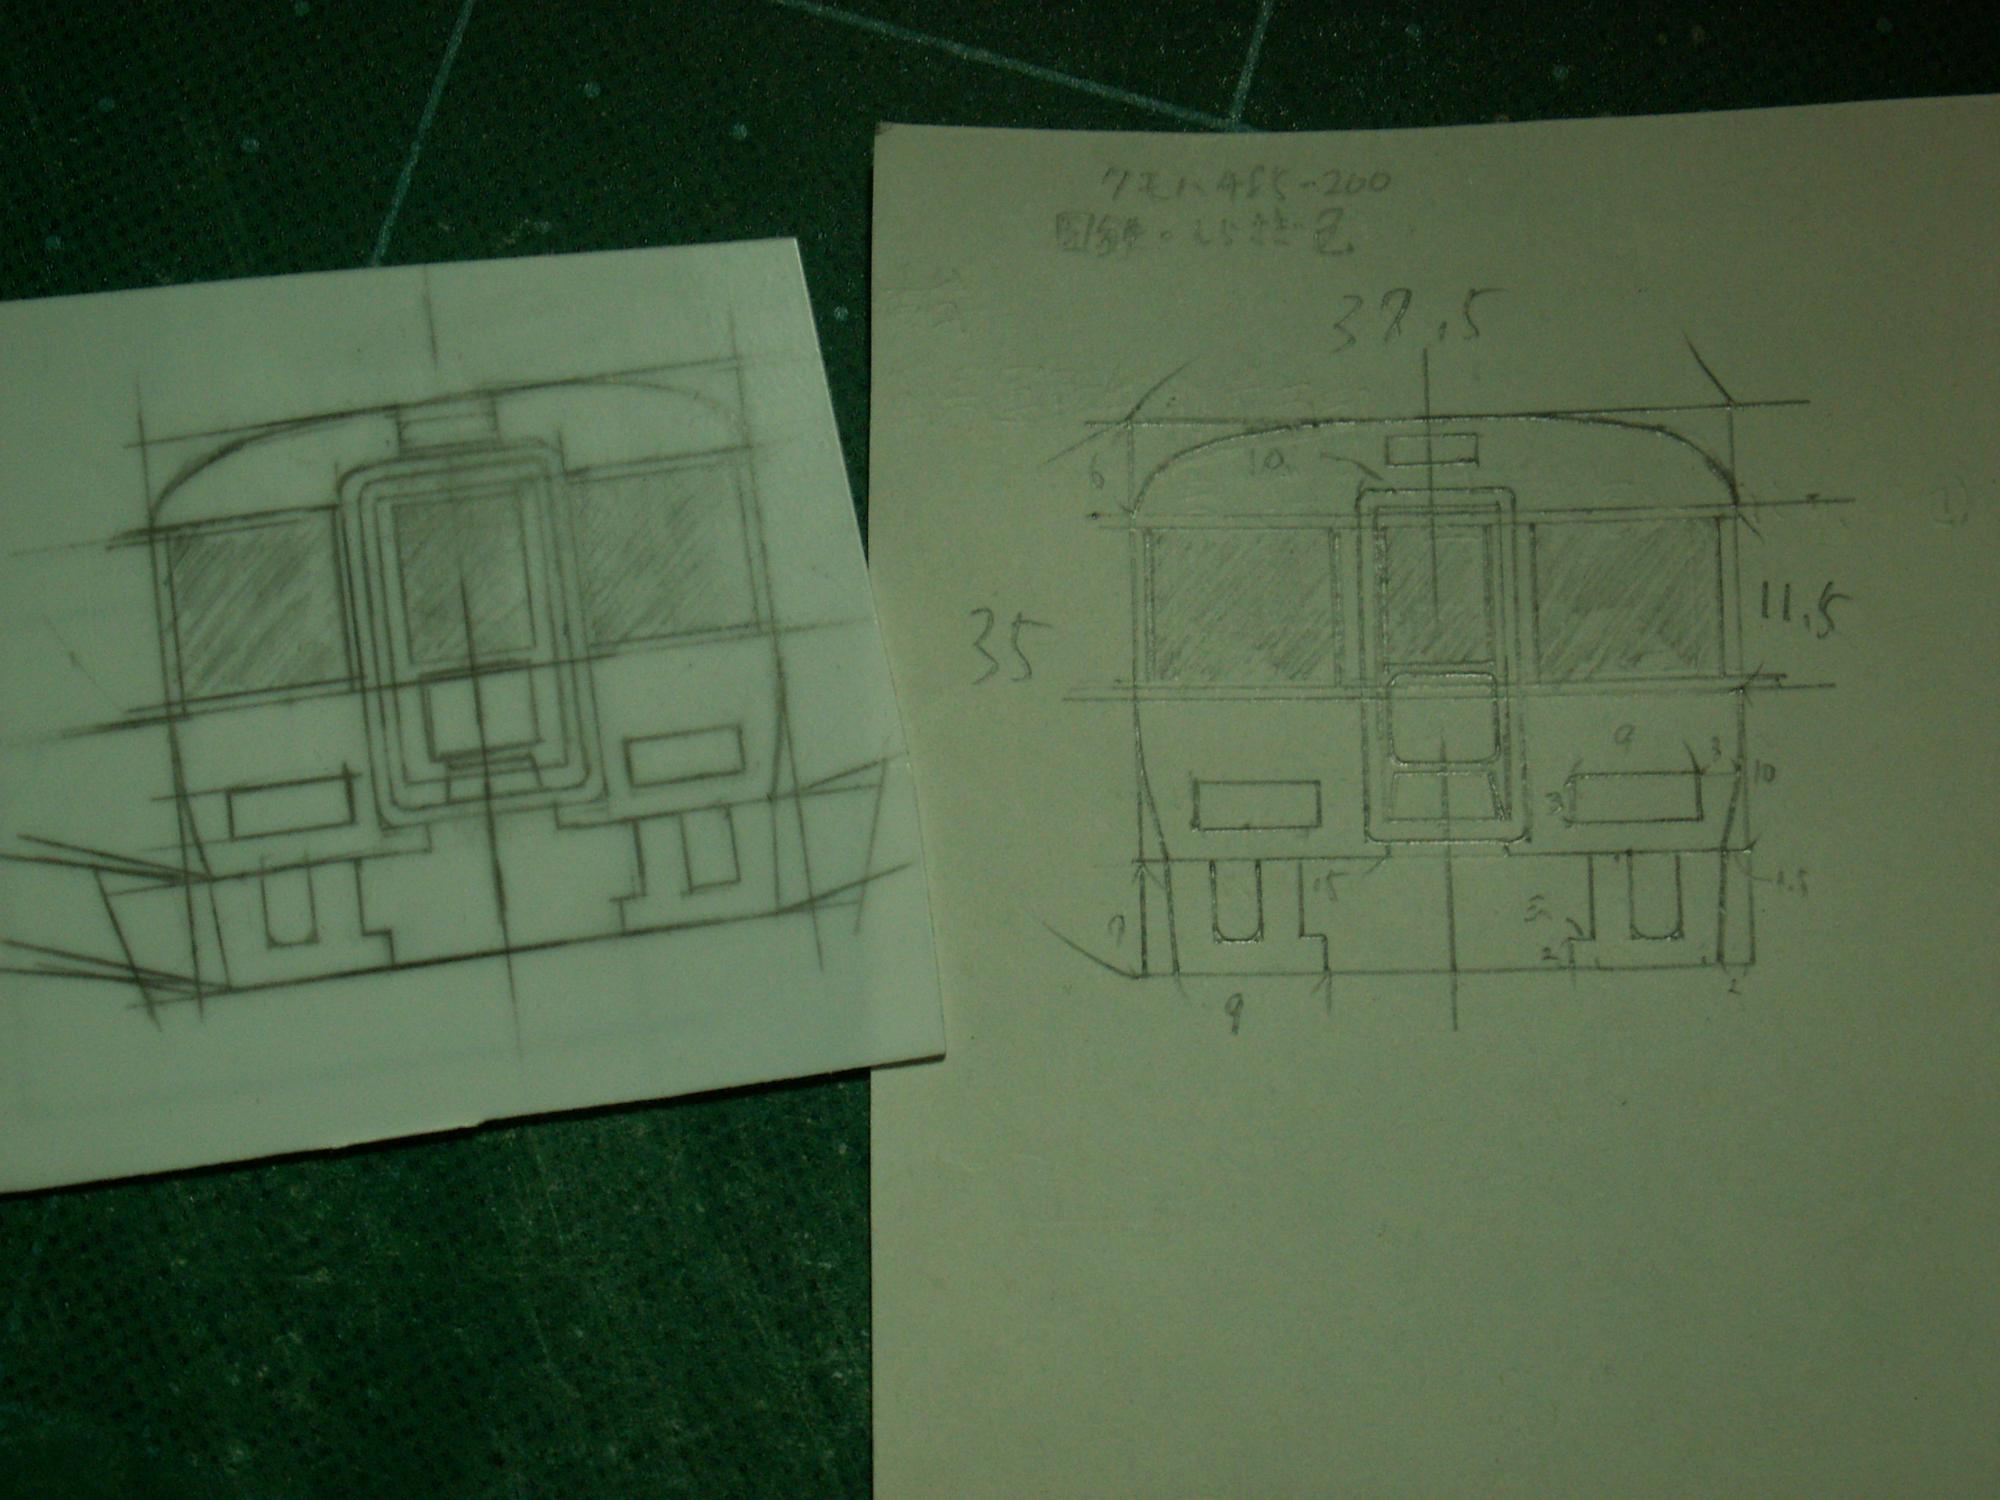 クモハ485-200 顔面設計図